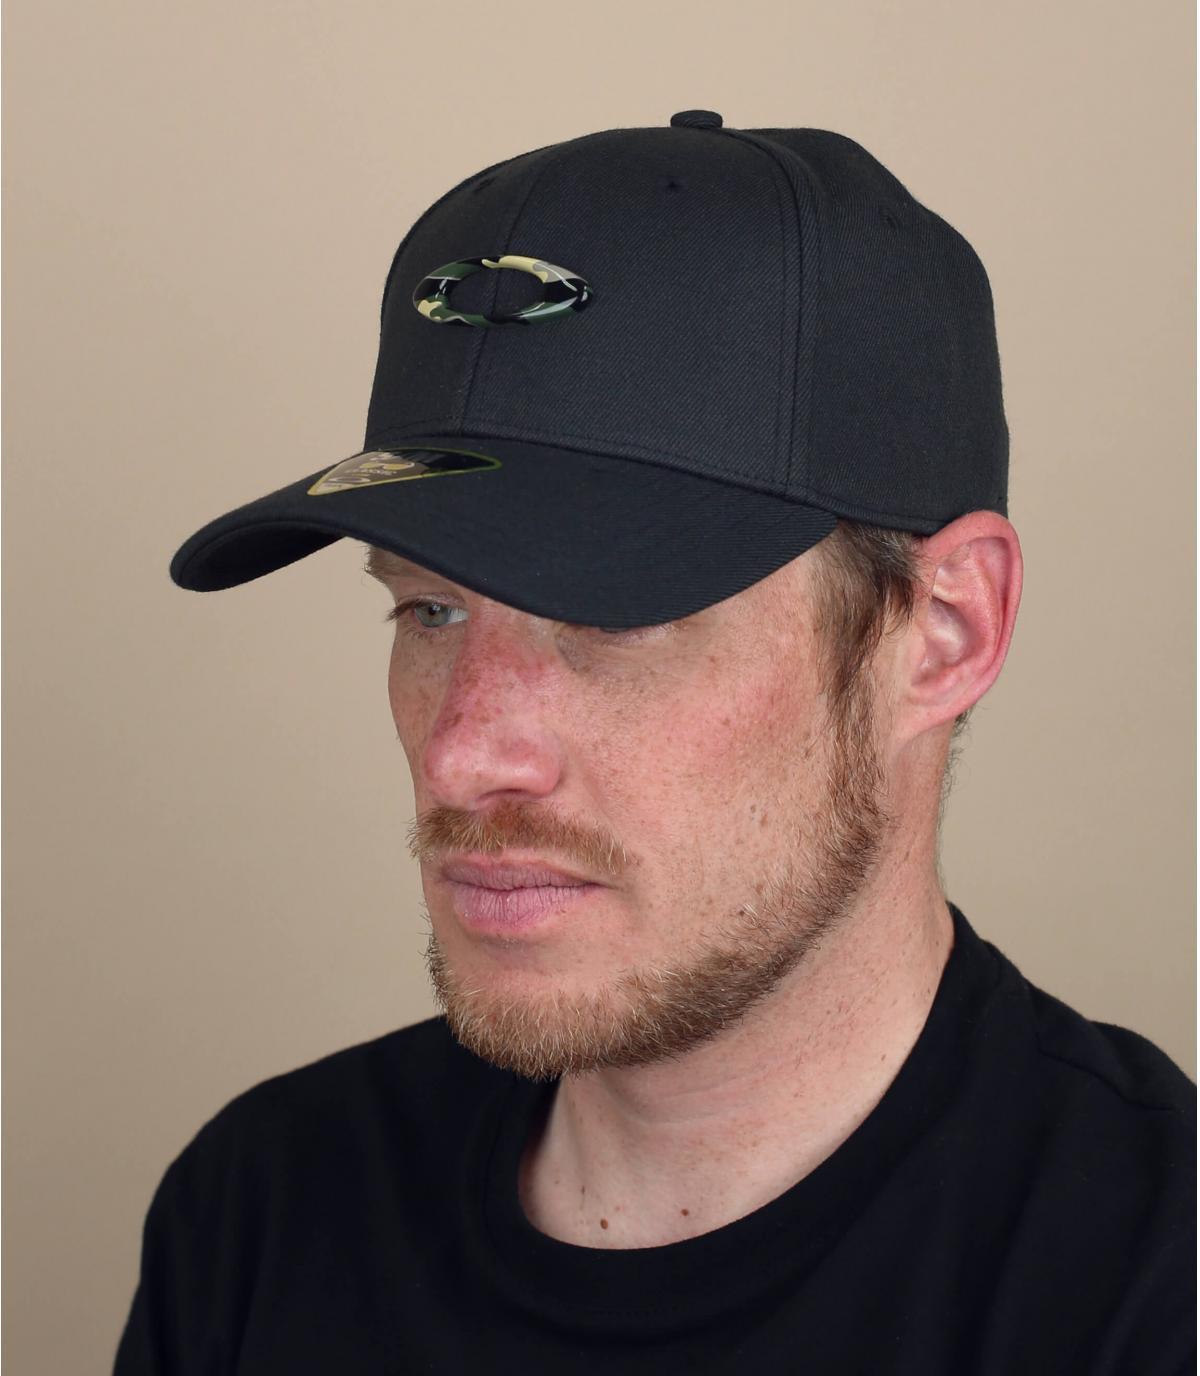 Cappello Oakley nero mimetico